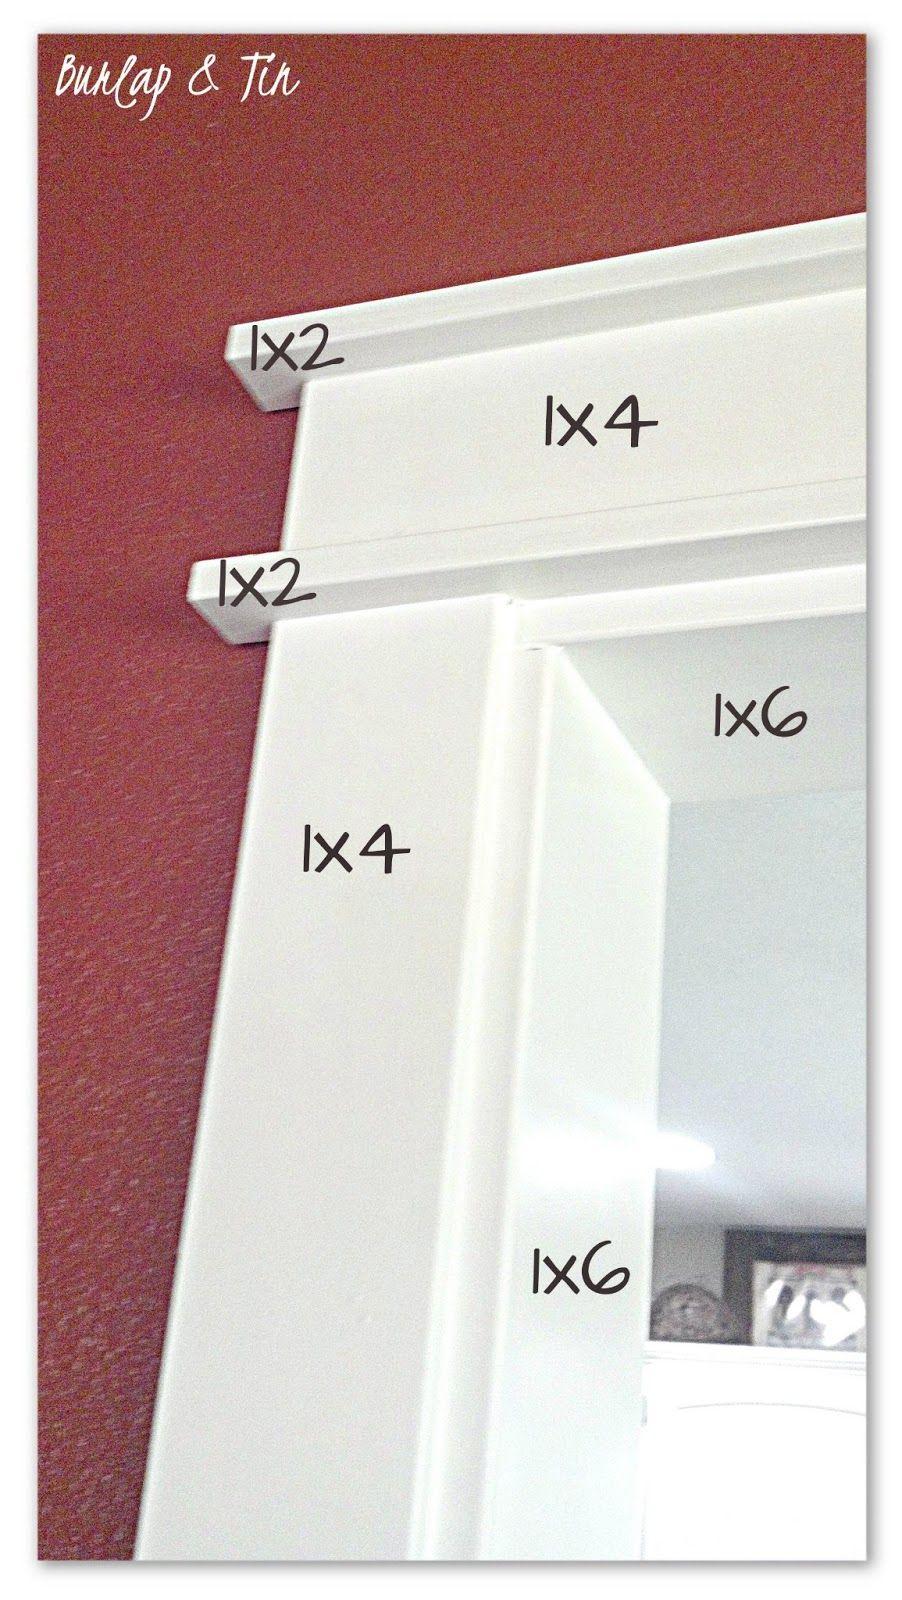 Craftsman window trim dimensions - Craftsman Door Trim How To